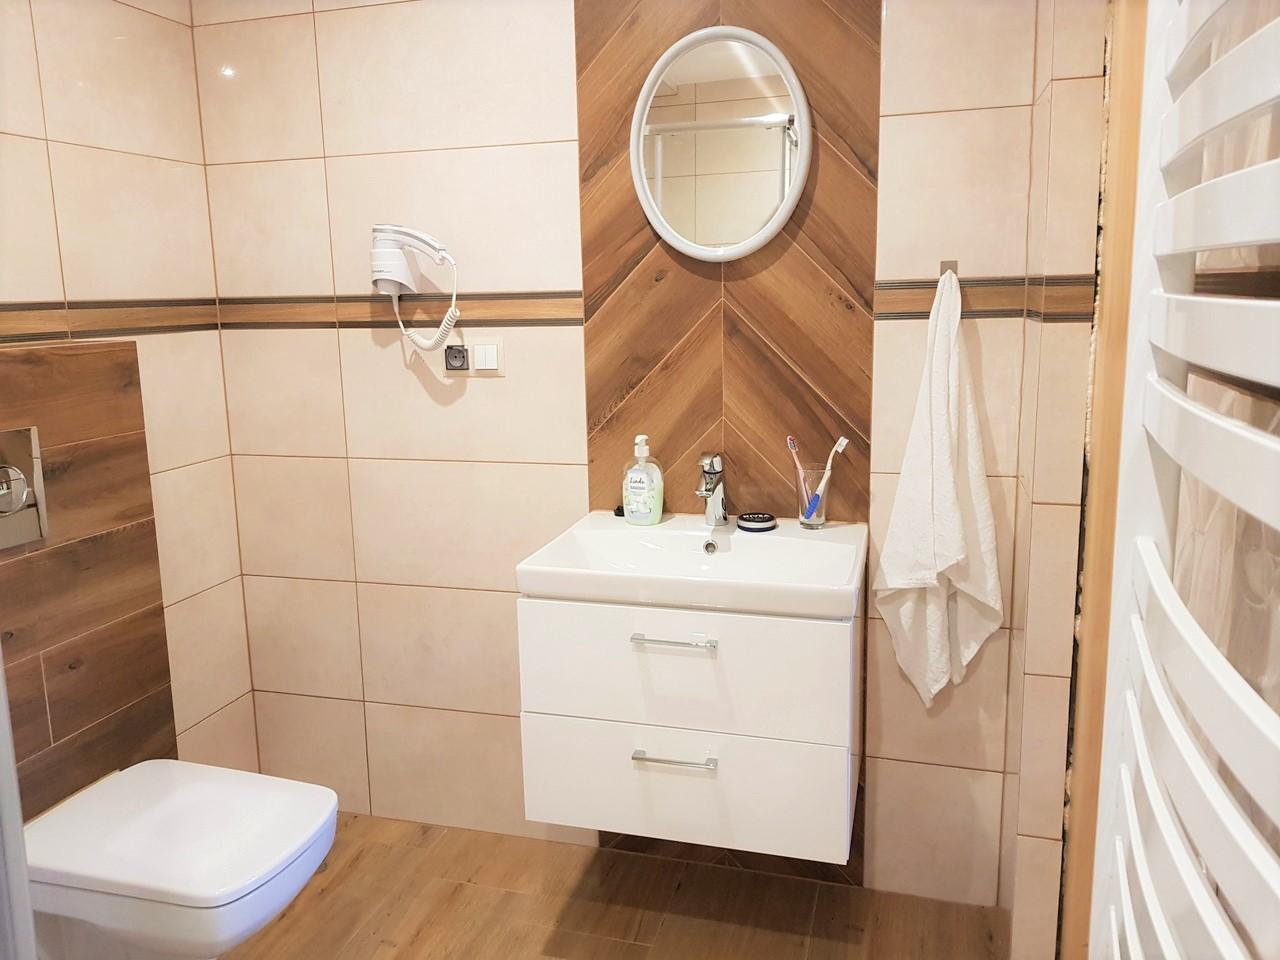 pokoje zakopane 3 łazienka (3)